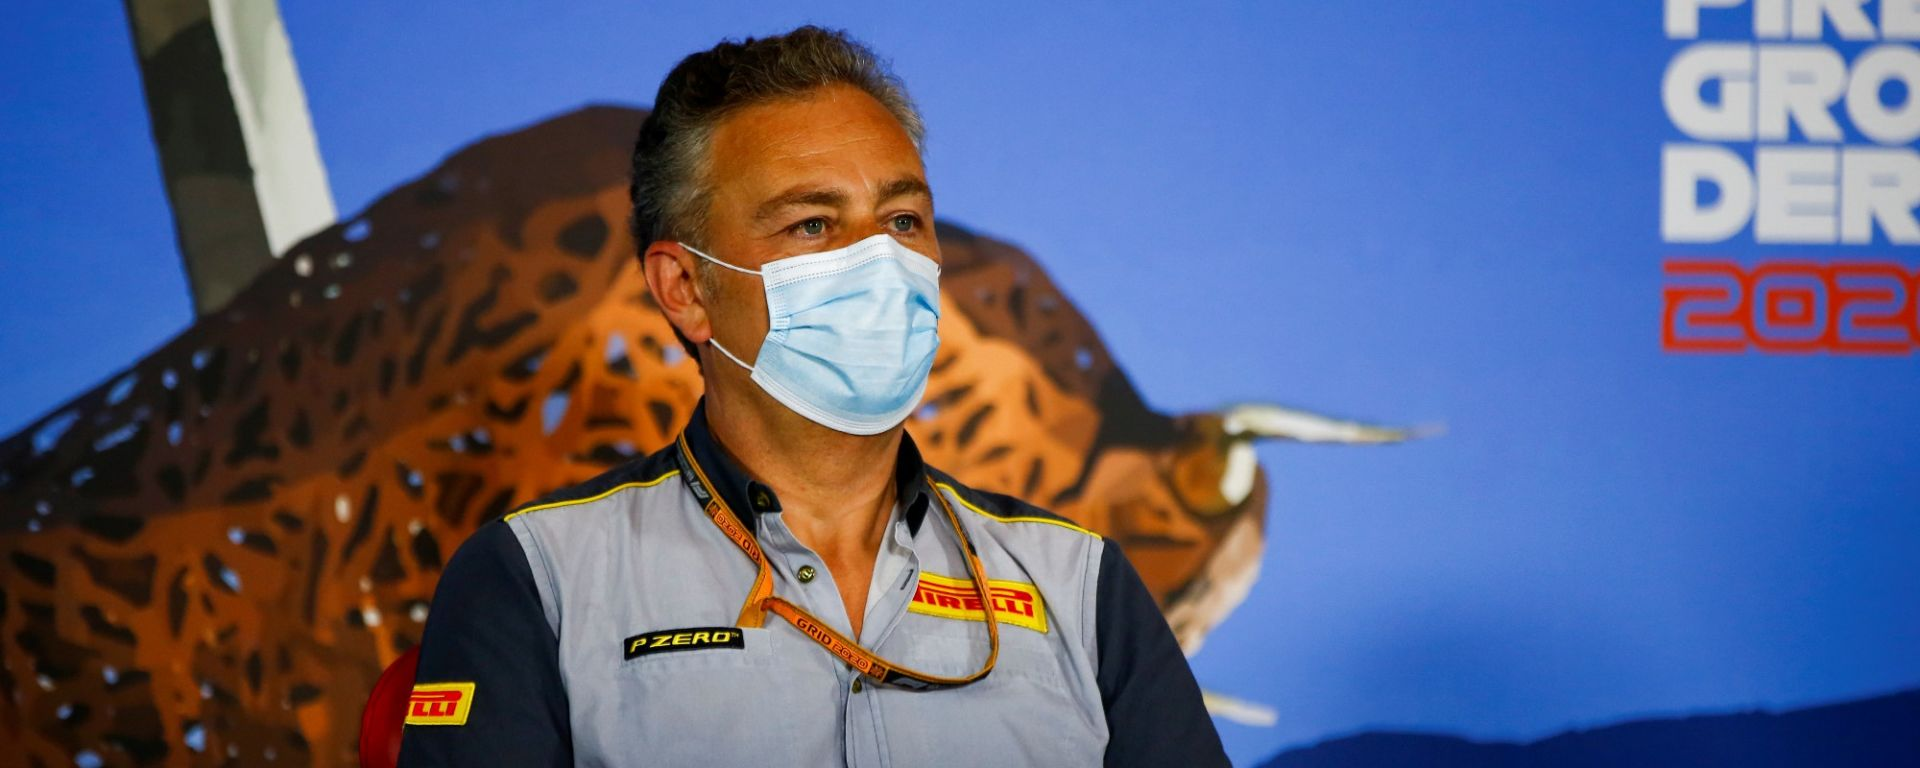 GP Stiria 2020, Spielberg: Mario Isola (Pirelli)